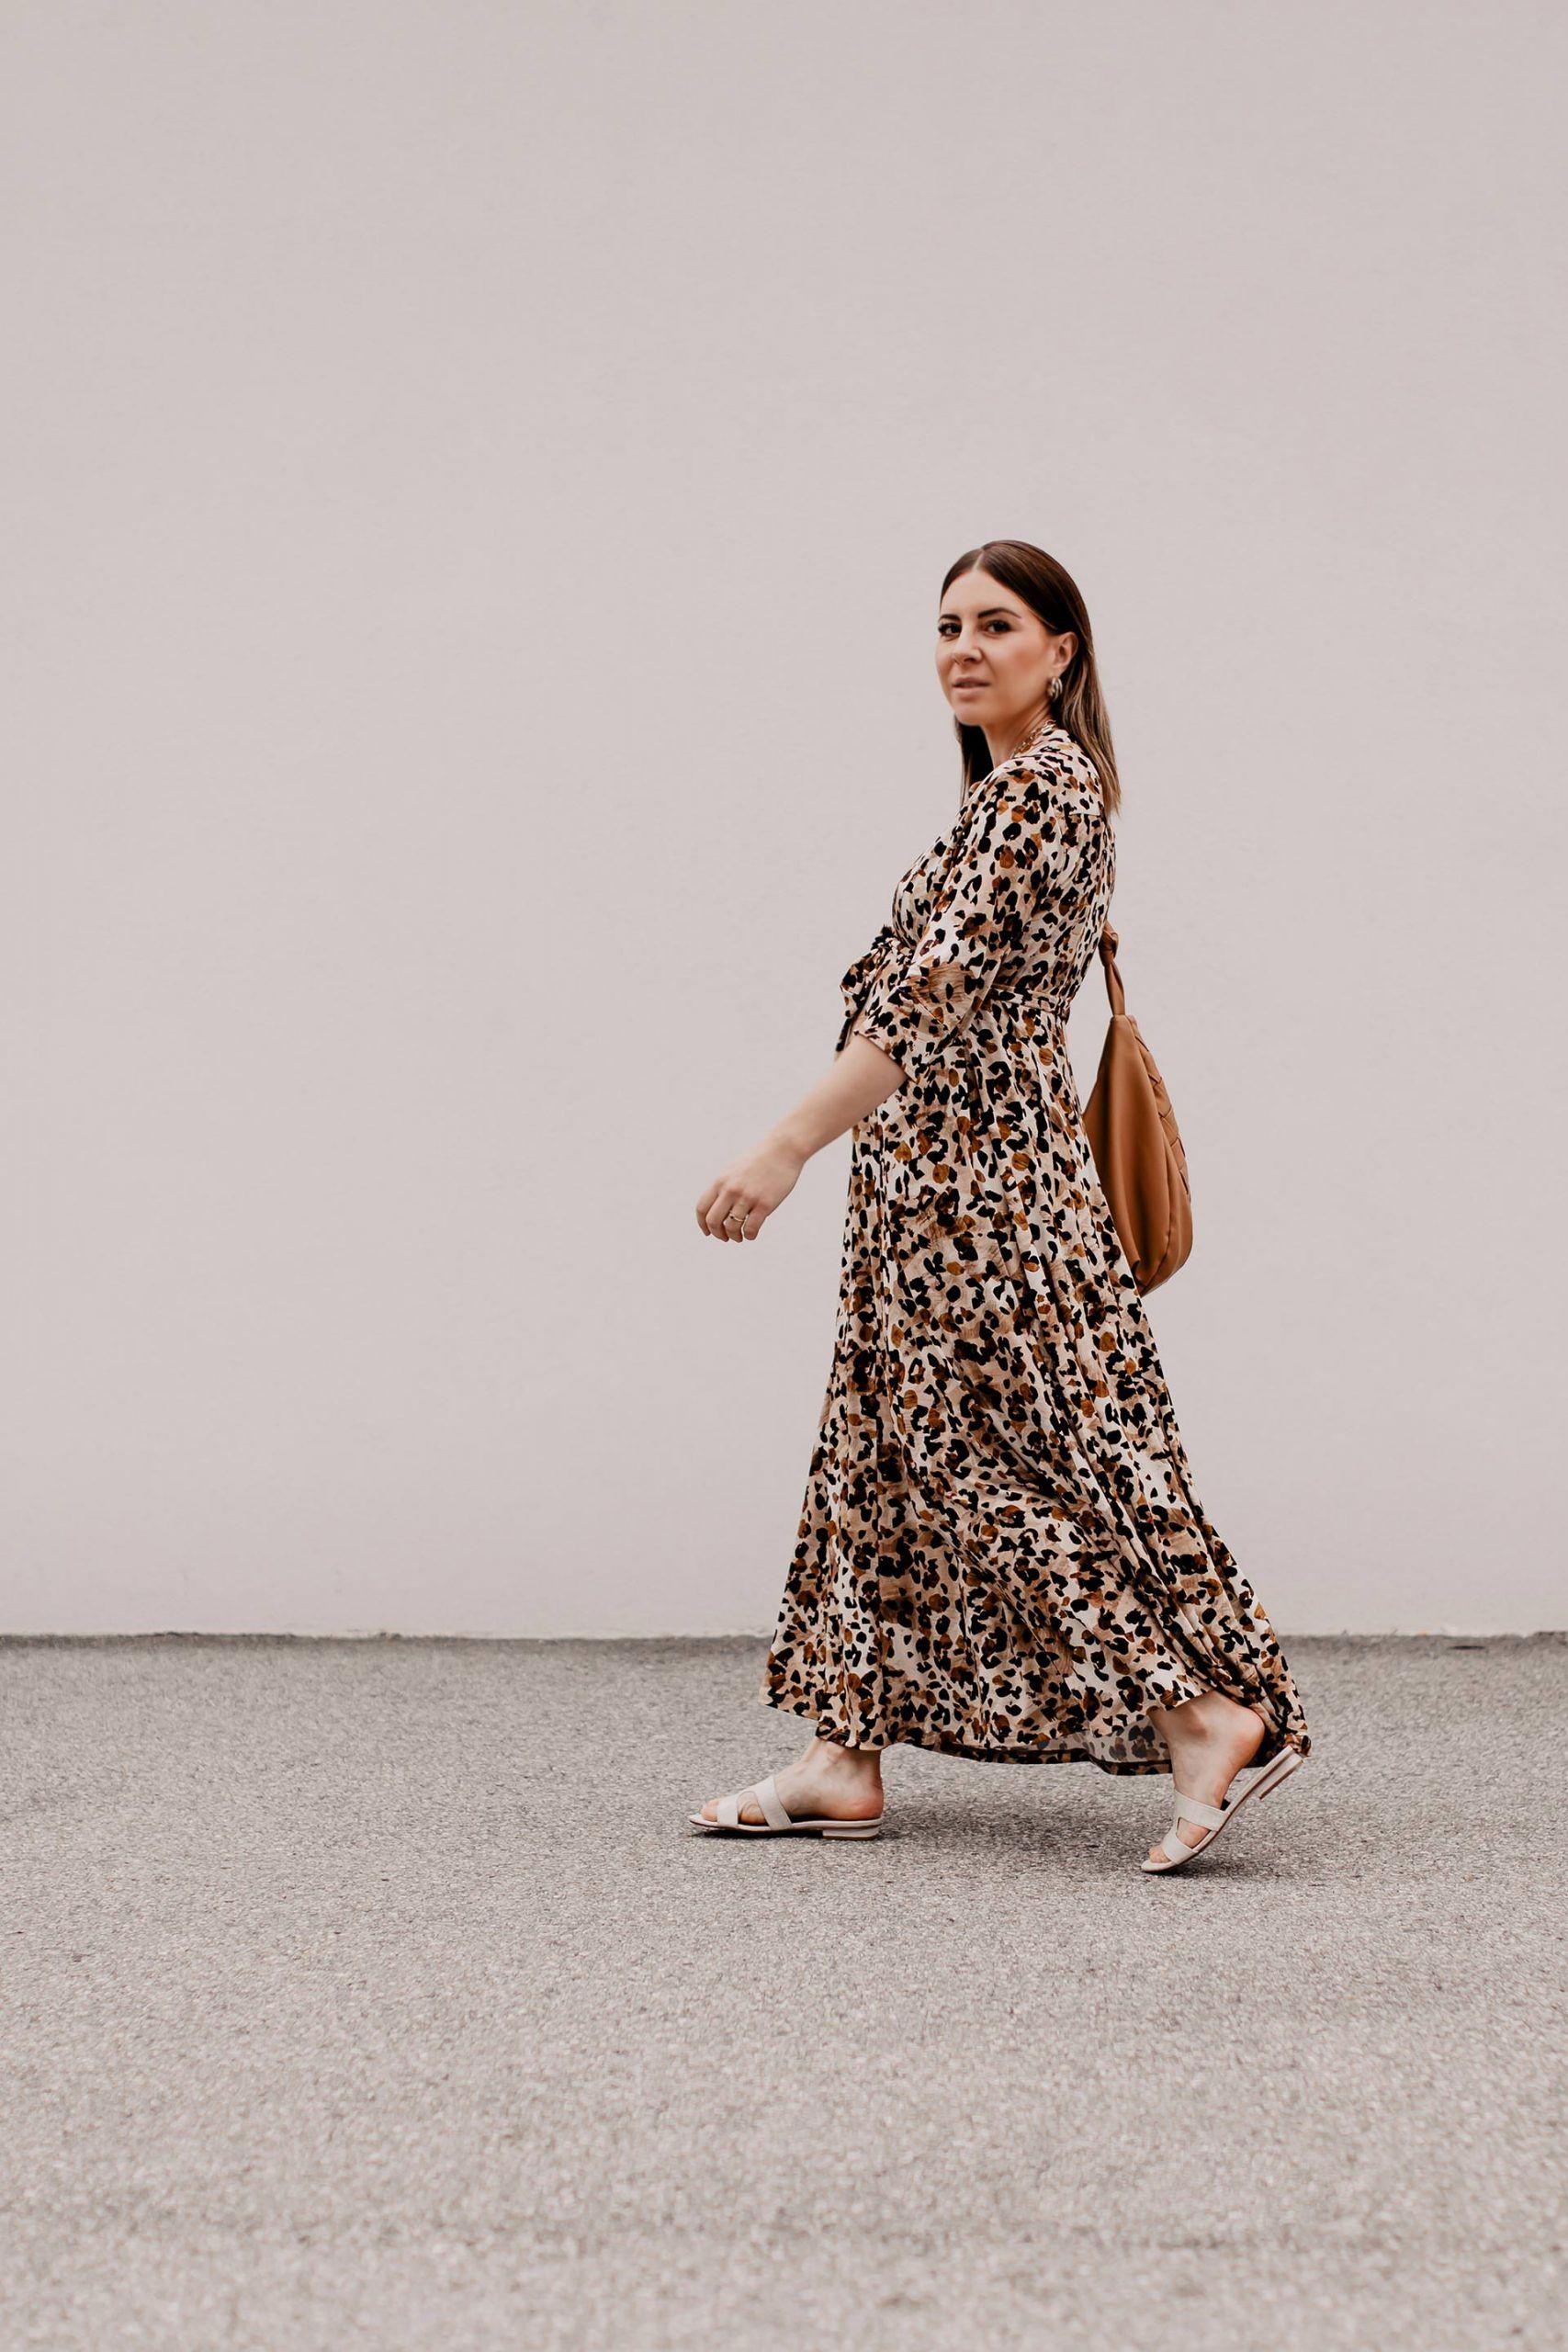 Das sind die schönsten Maxikleider für den Sommer! + Outfit-Tipps